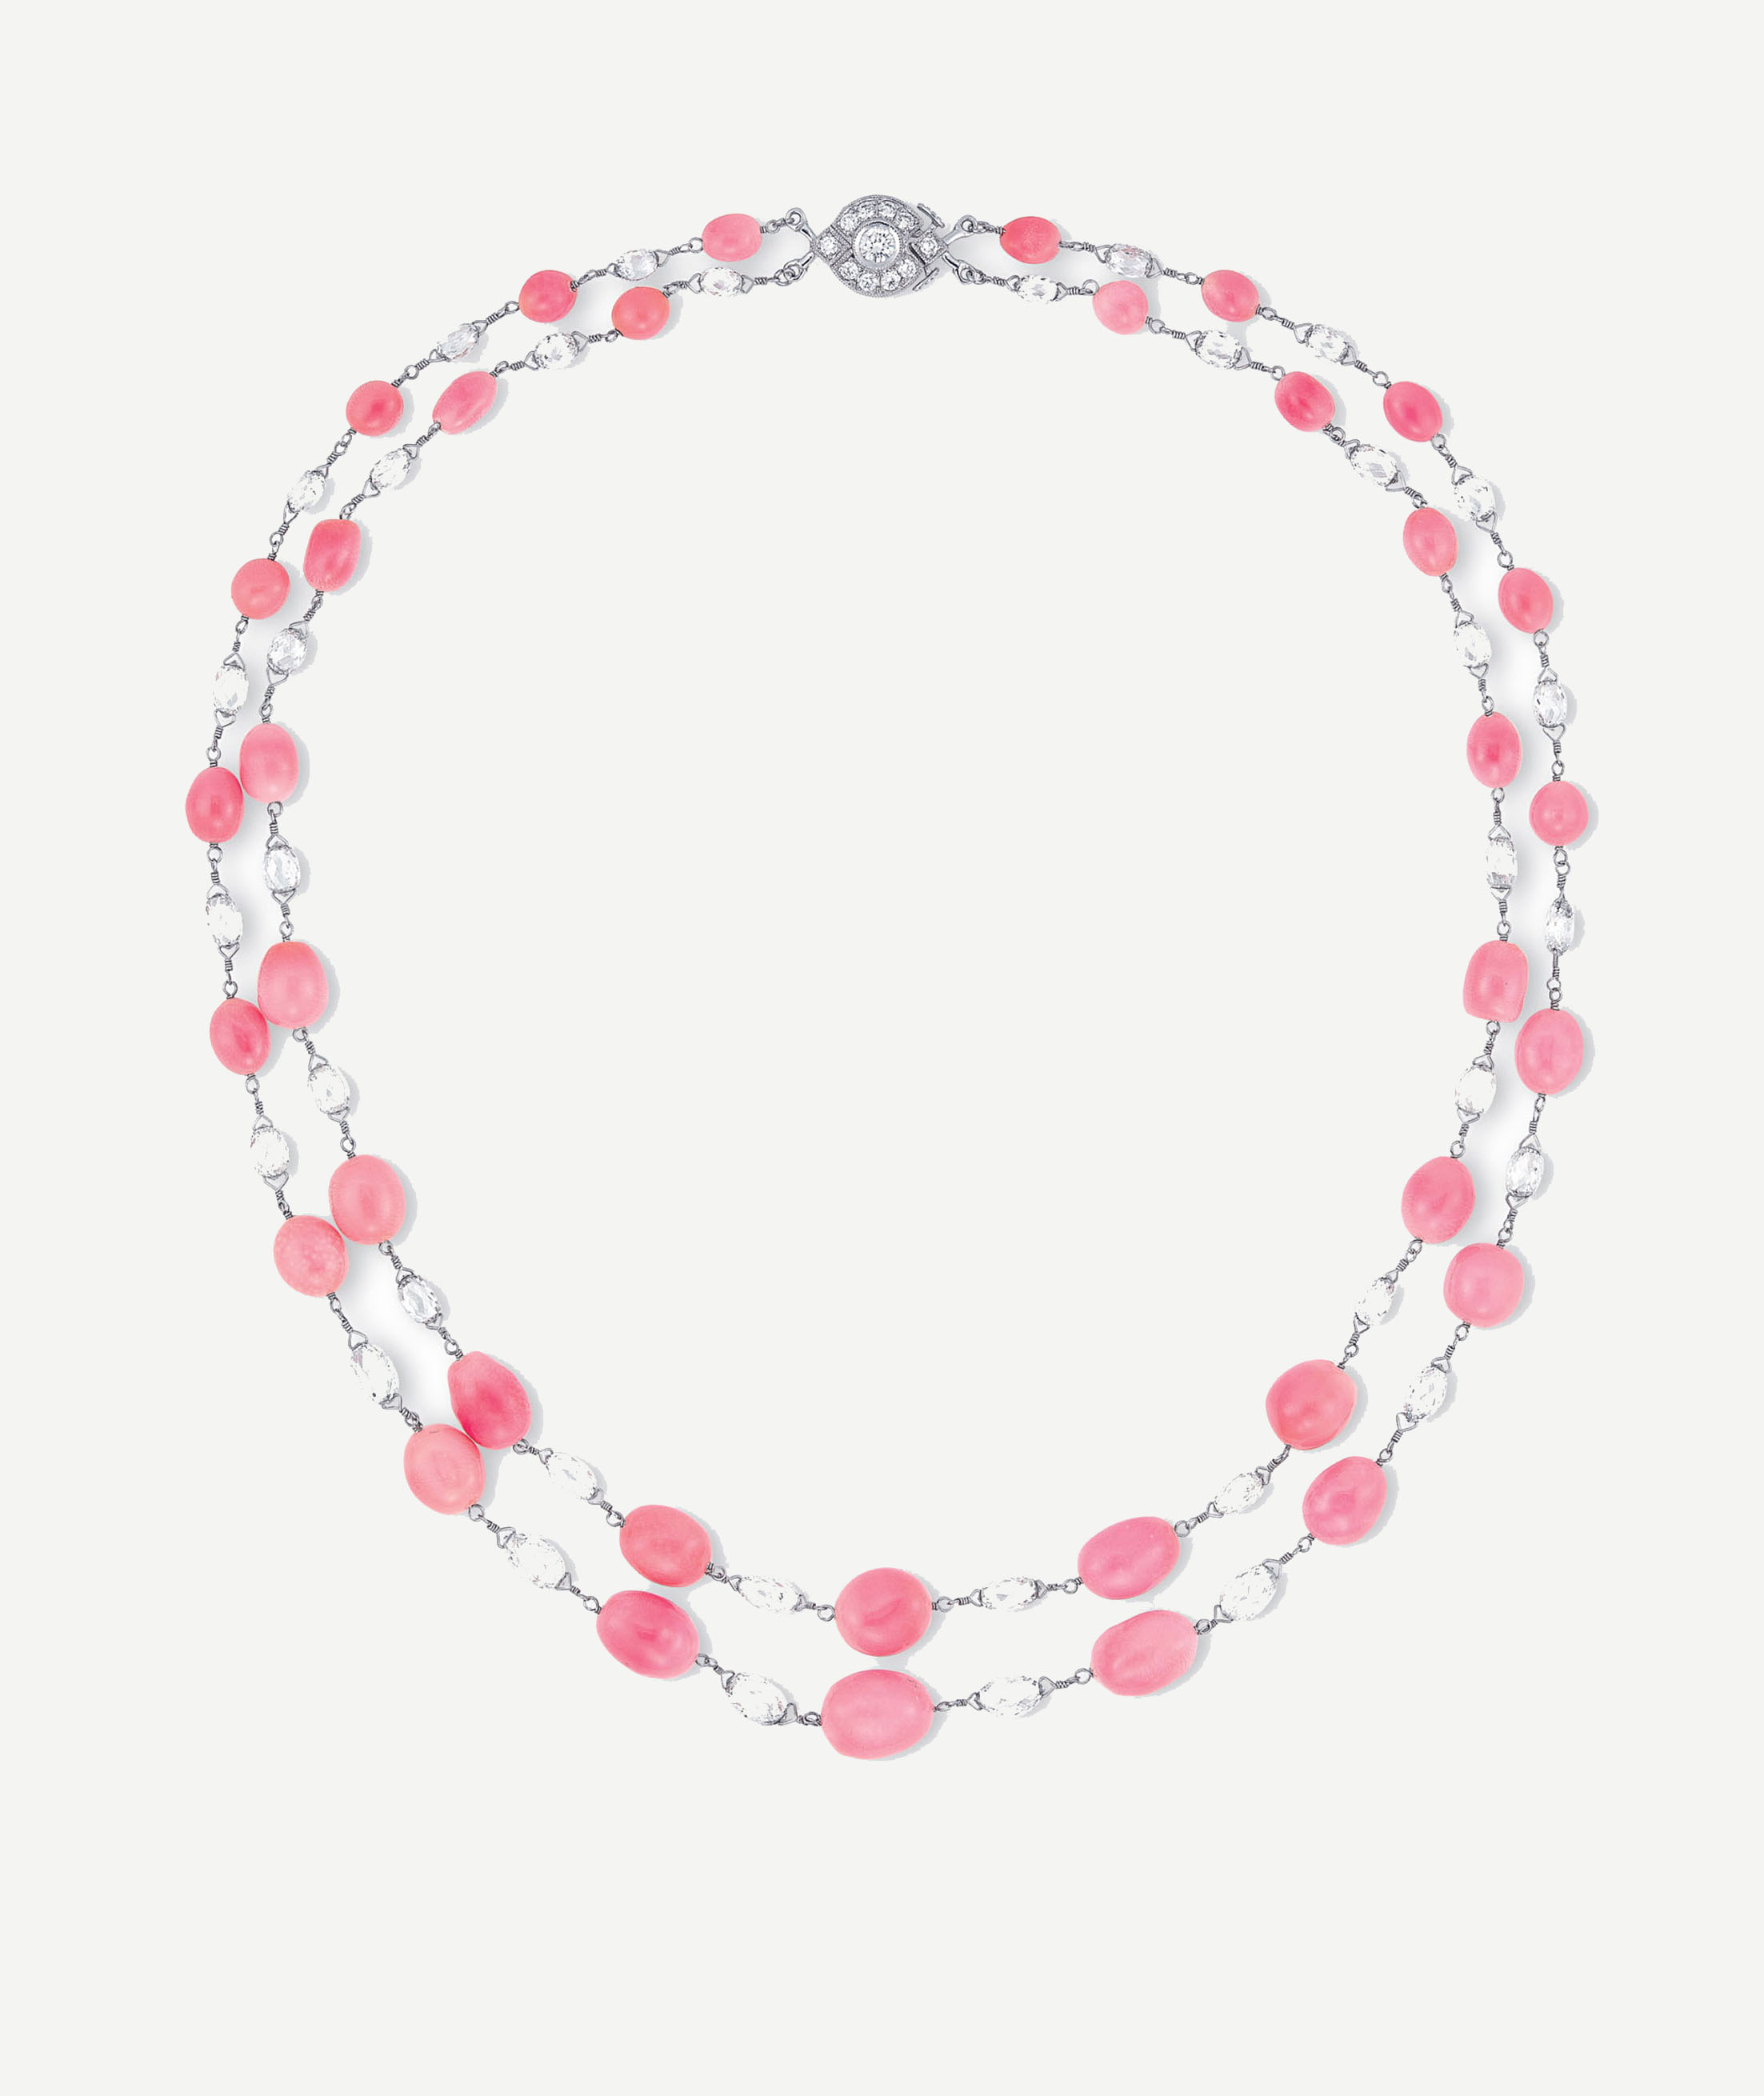 f01-Jewels-lotxxxx-xxxx.qxd